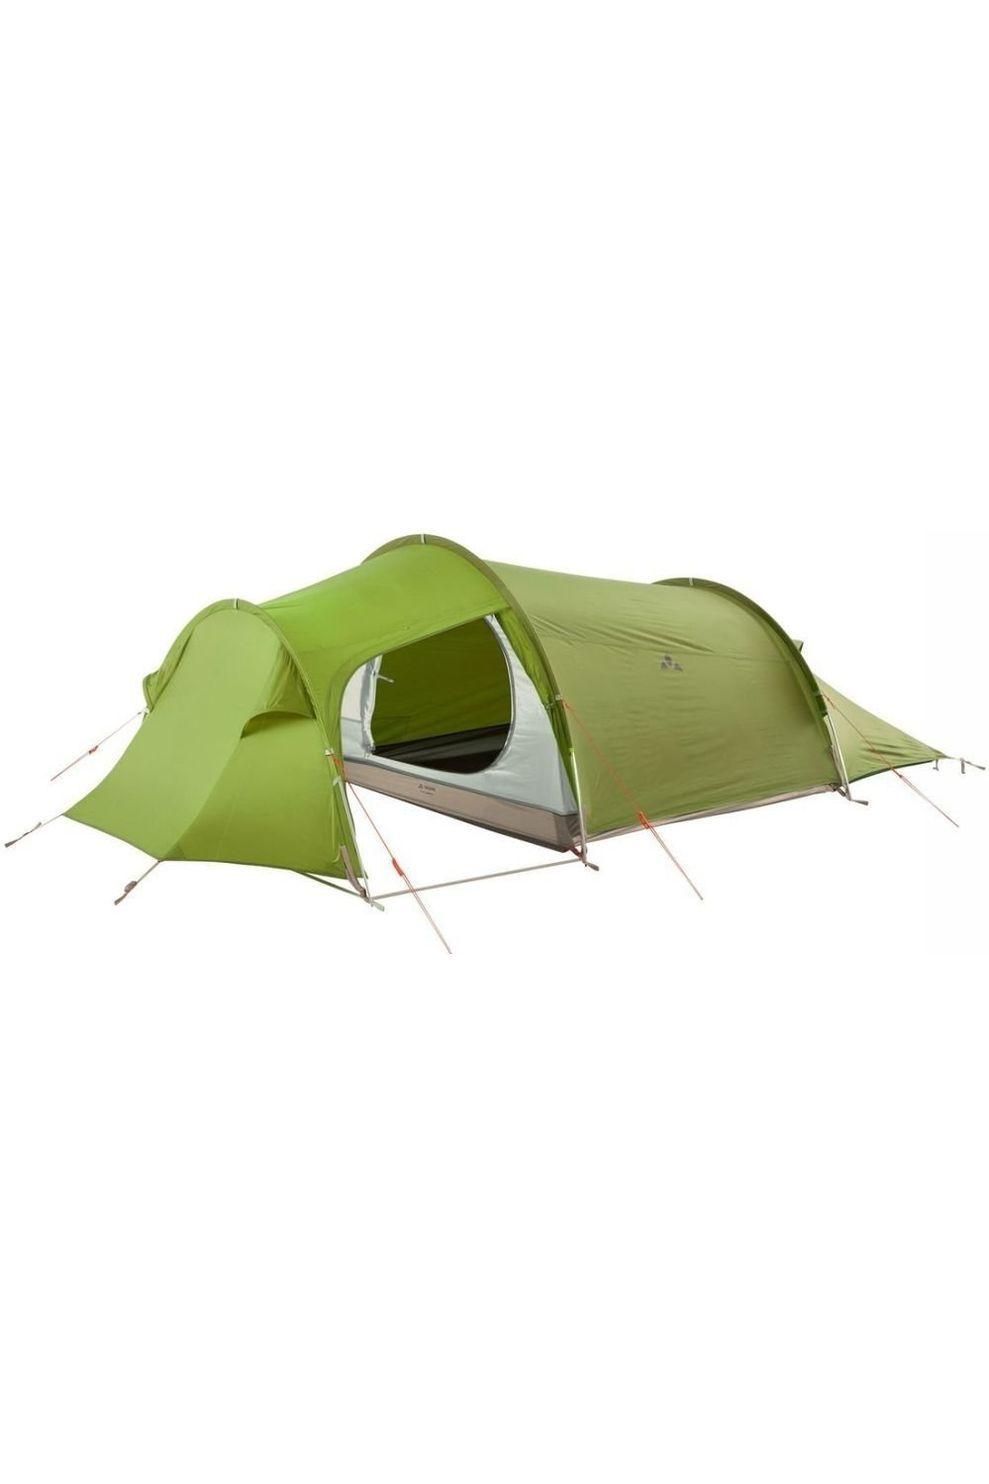 Vaude Tent Arco Xt 3p Groen